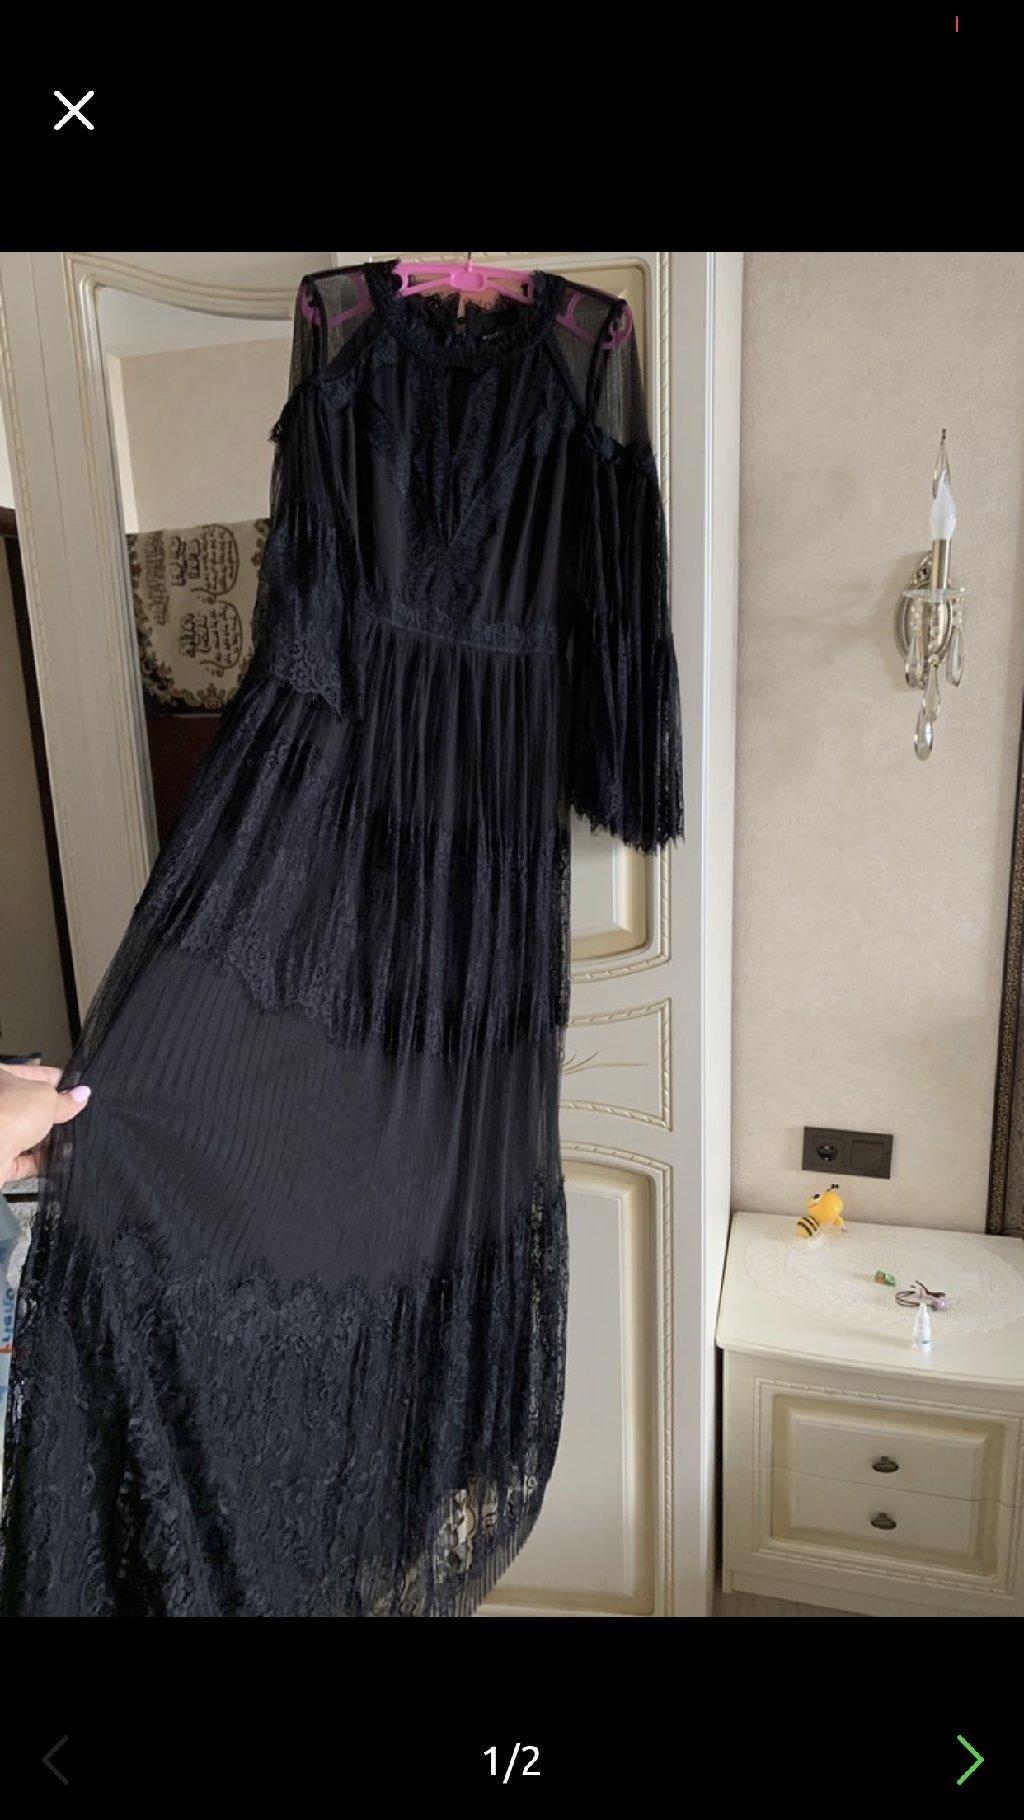 Продаю шикарное платье одета один раз покупали за тдам за пол цены: Продаю шикарное платье одета один раз покупали за тдам за пол цены